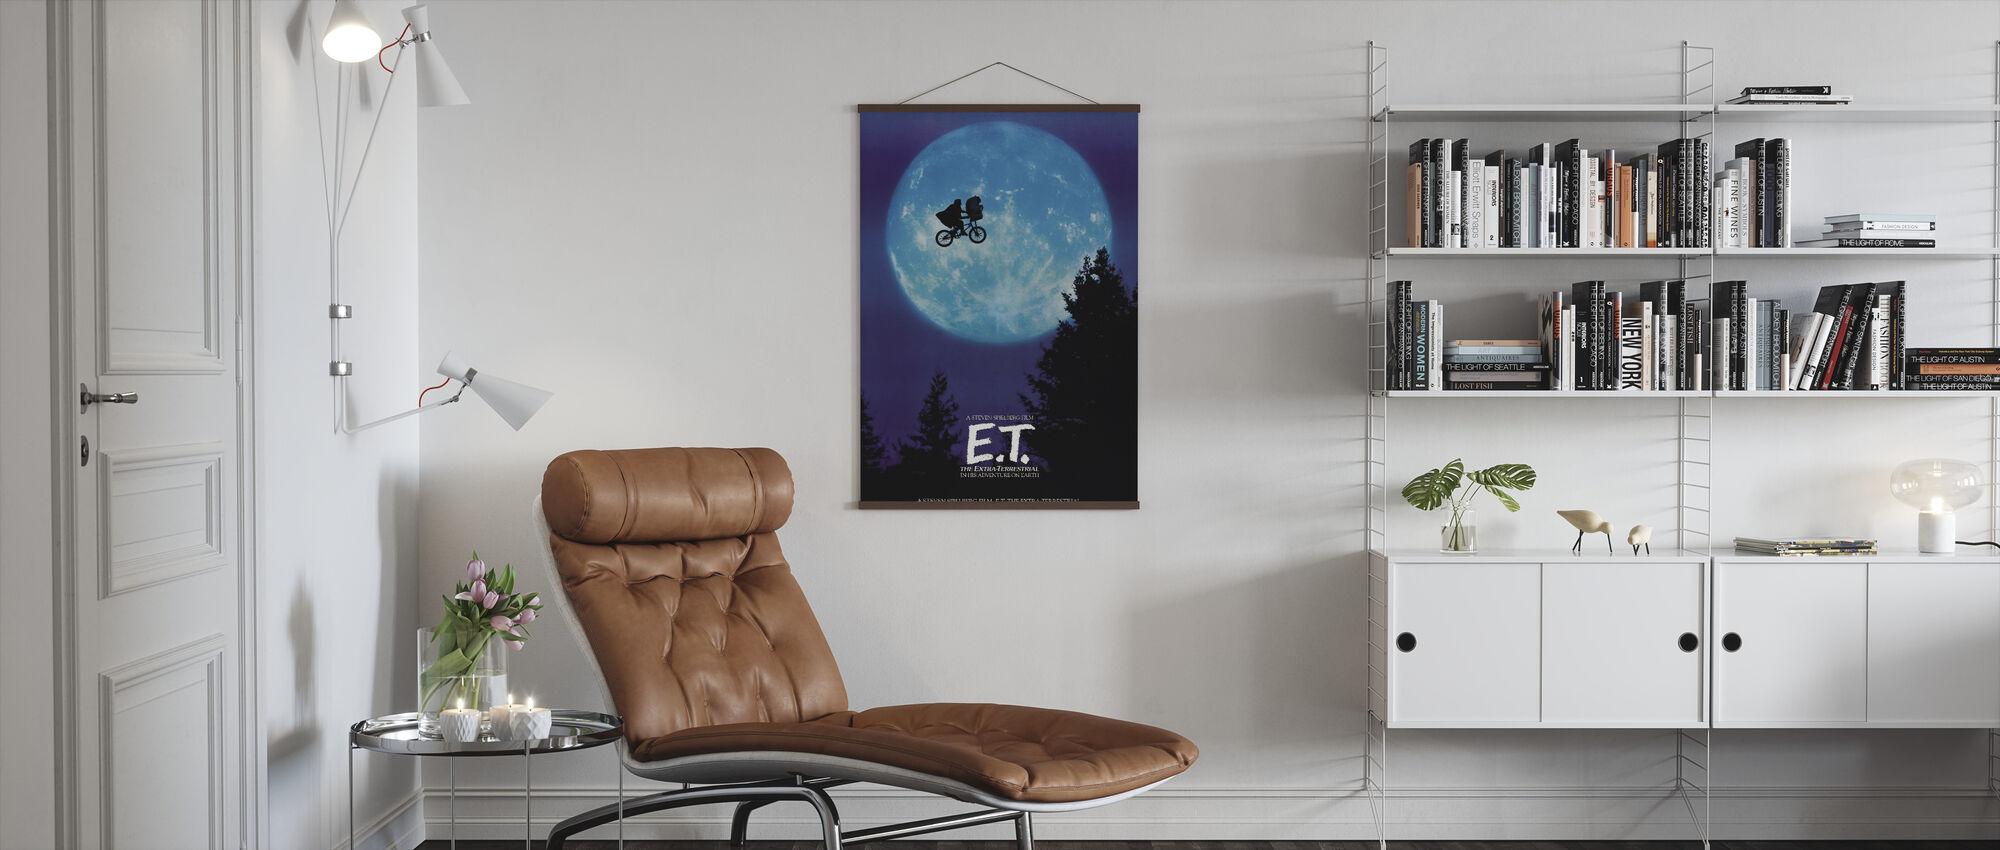 E T - Poster - Vardagsrum